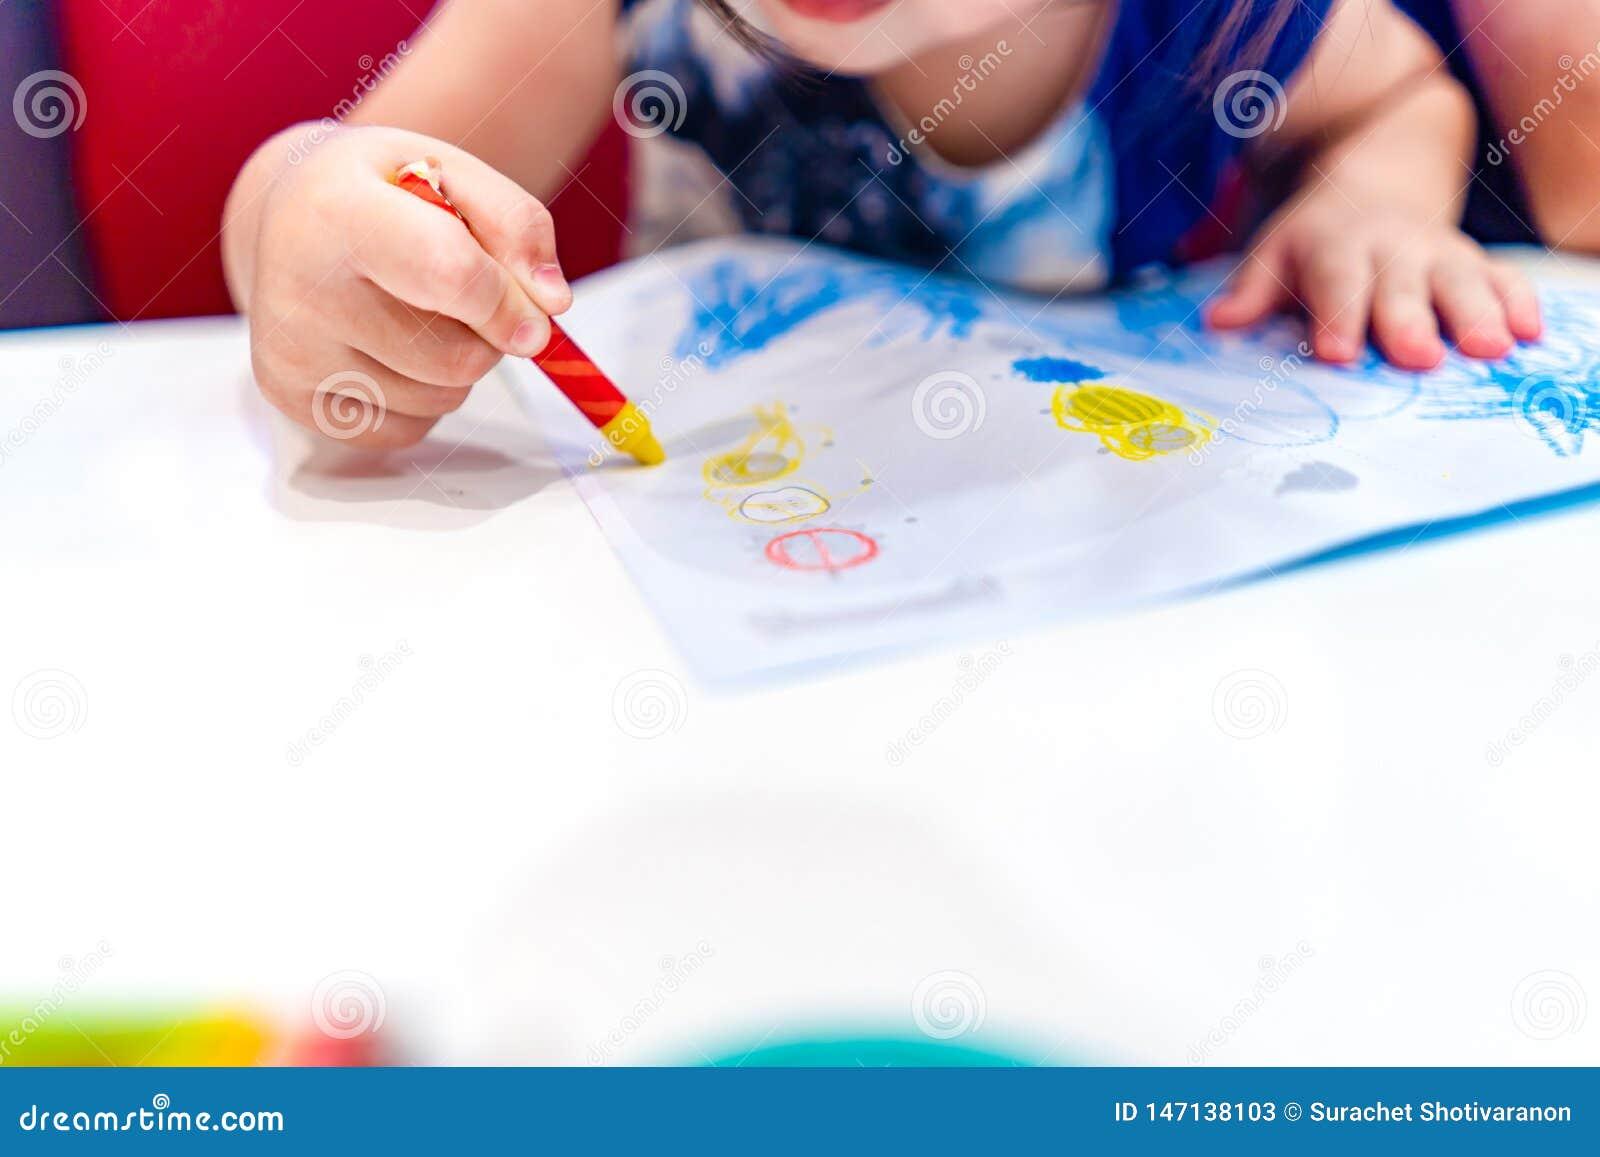 Gioco del bambino, studio ed imparare come colorare e disegnare il colore del pastello dentro alla carta con i suoi genitori